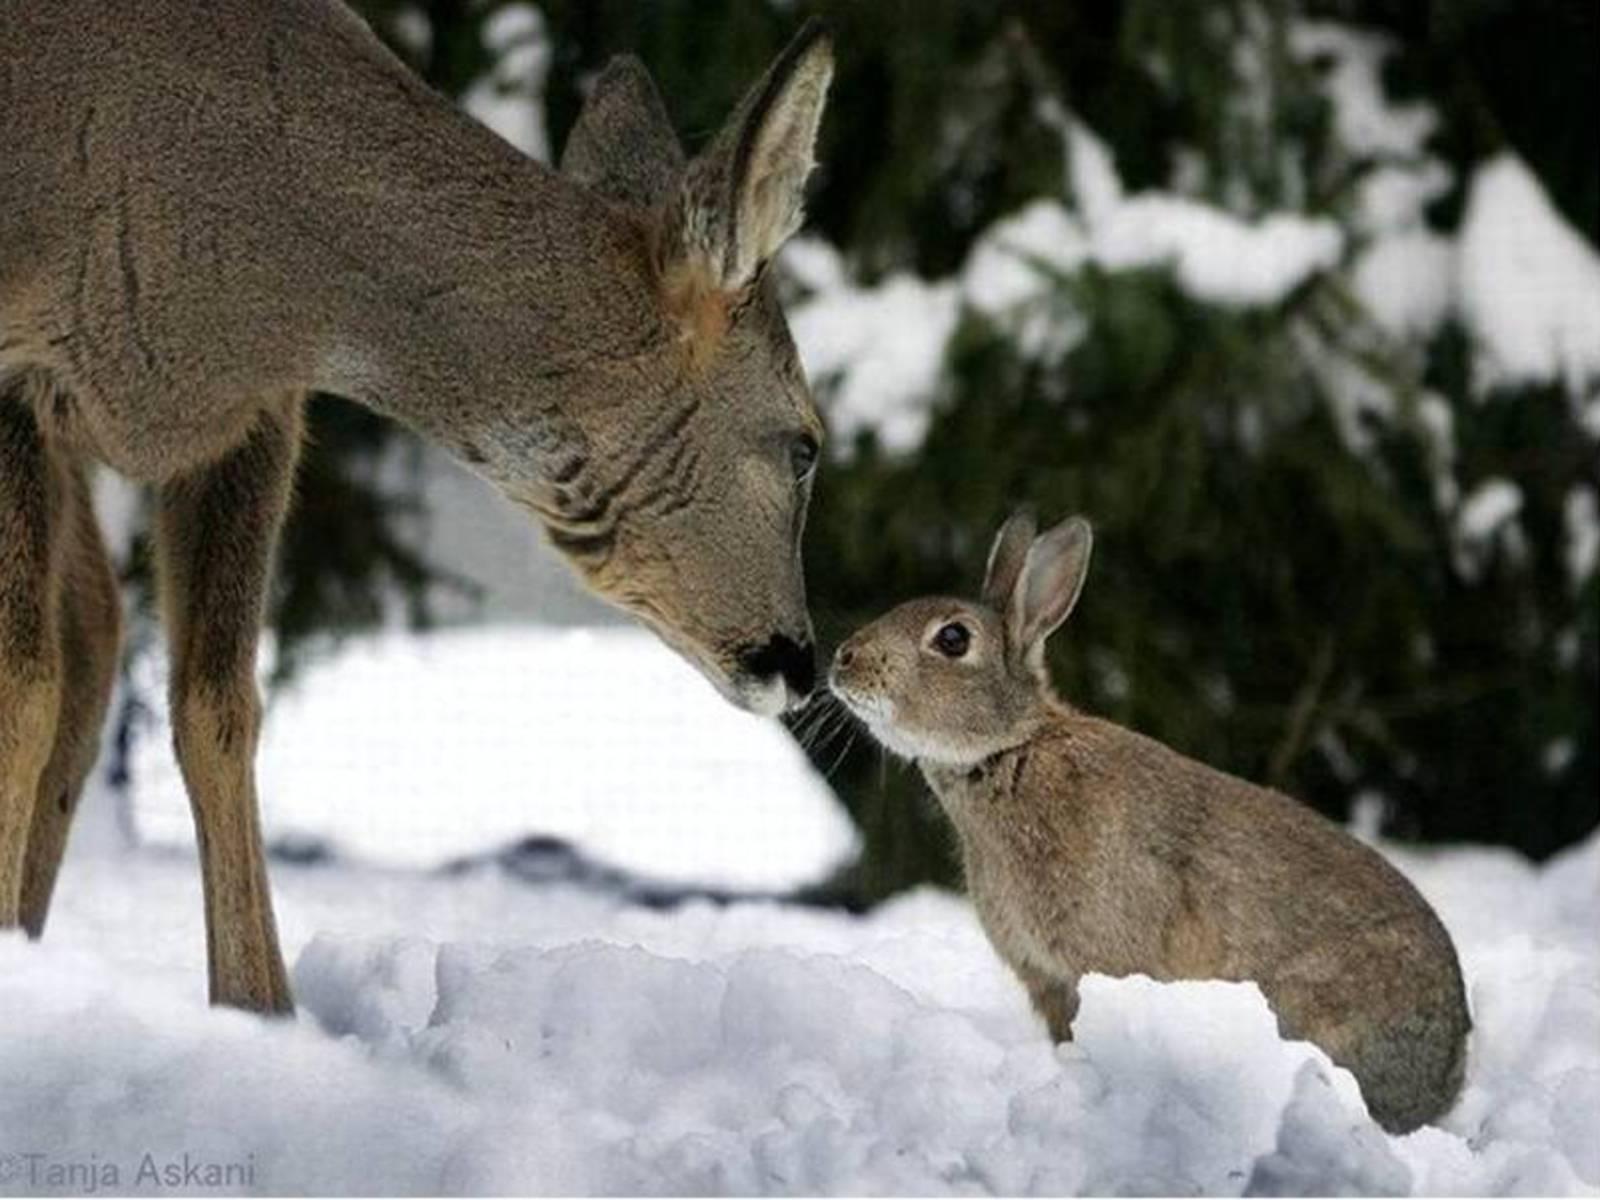 http://4.bp.blogspot.com/_EAViqbzwc_s/TN_Pu_qCwxI/AAAAAAAACB0/7eIYuowAk10/s1600/Deer-and-Rabbit.jpg